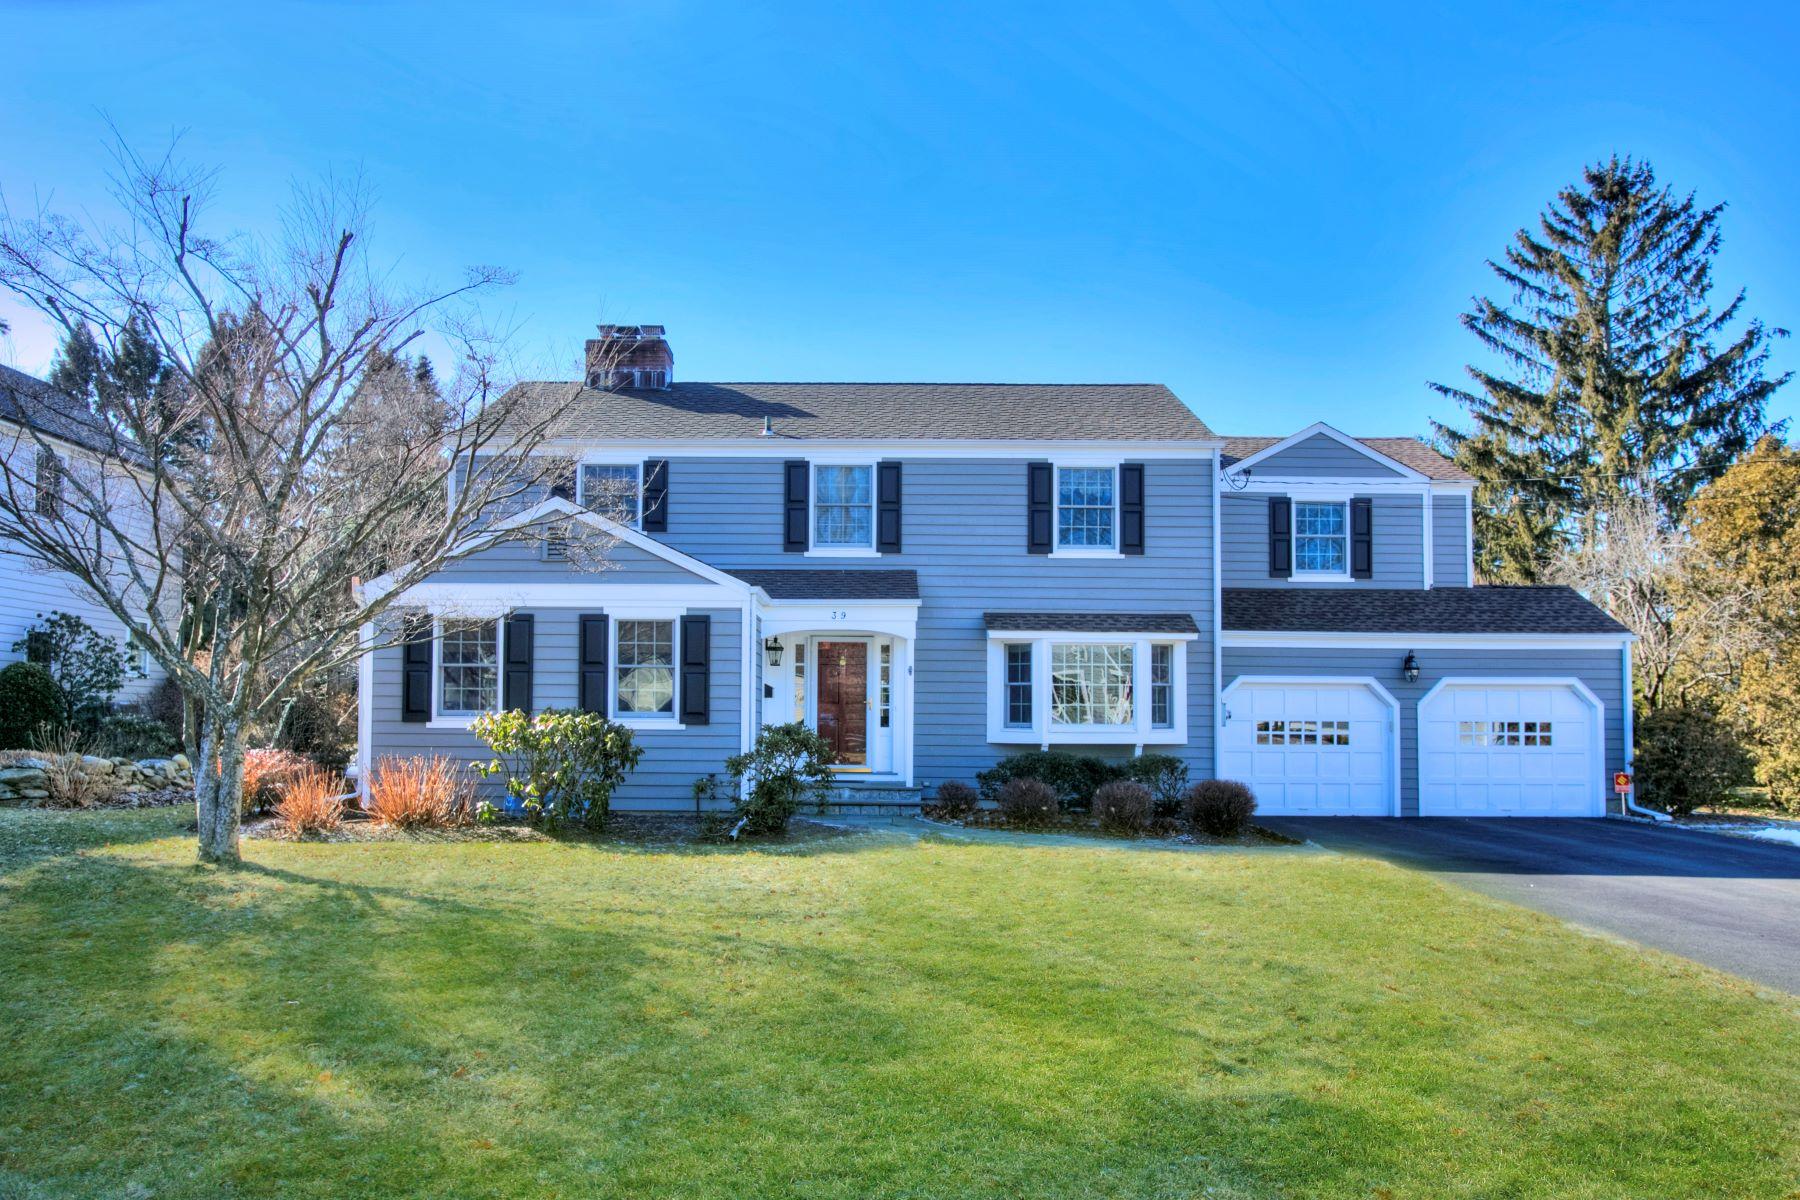 Частный односемейный дом для того Аренда на 39 Southwood Drive New Canaan, Коннектикут, 06840 Соединенные Штаты